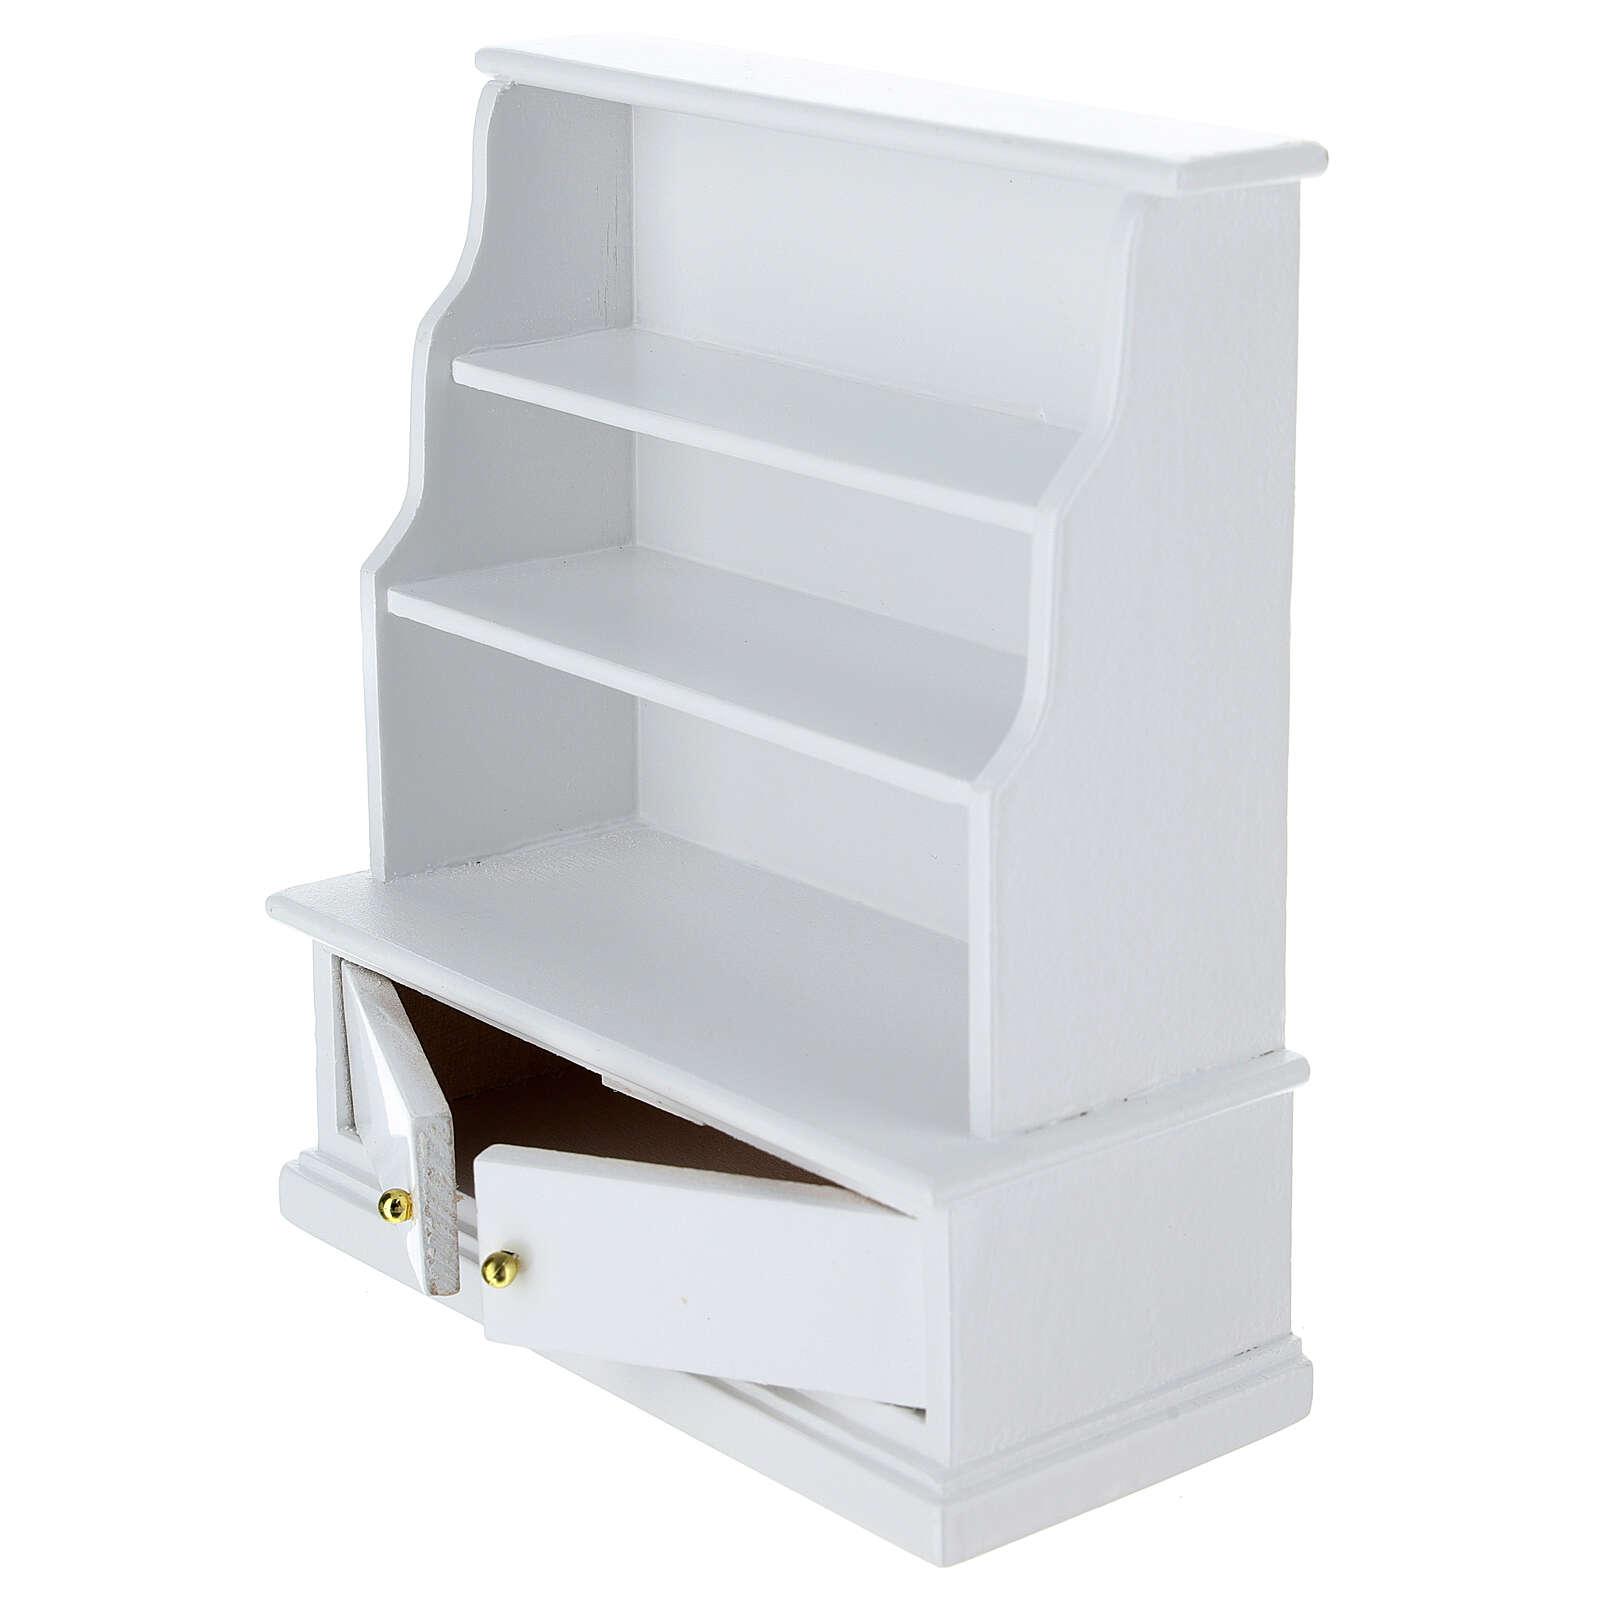 Estante madeira branca miniatura para presépio com figuras altura média 10 cm 4